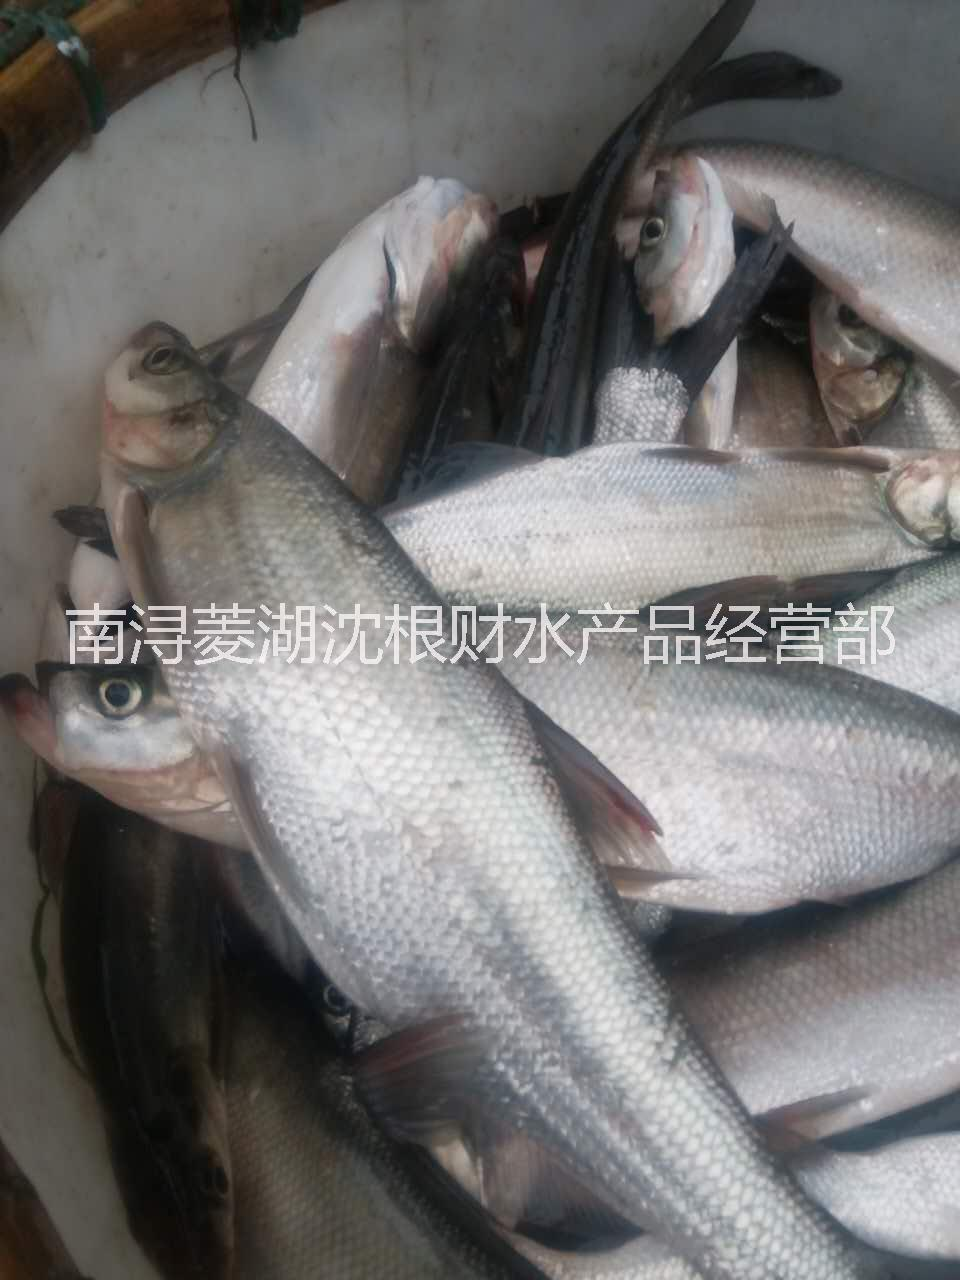 【钓鱼场】白条鱼 白条鱼(翘嘴红鲌) 1-3斤 每周都有拉网 需要的钓场联系我 白条鱼(翘嘴红鲌) 1-3斤